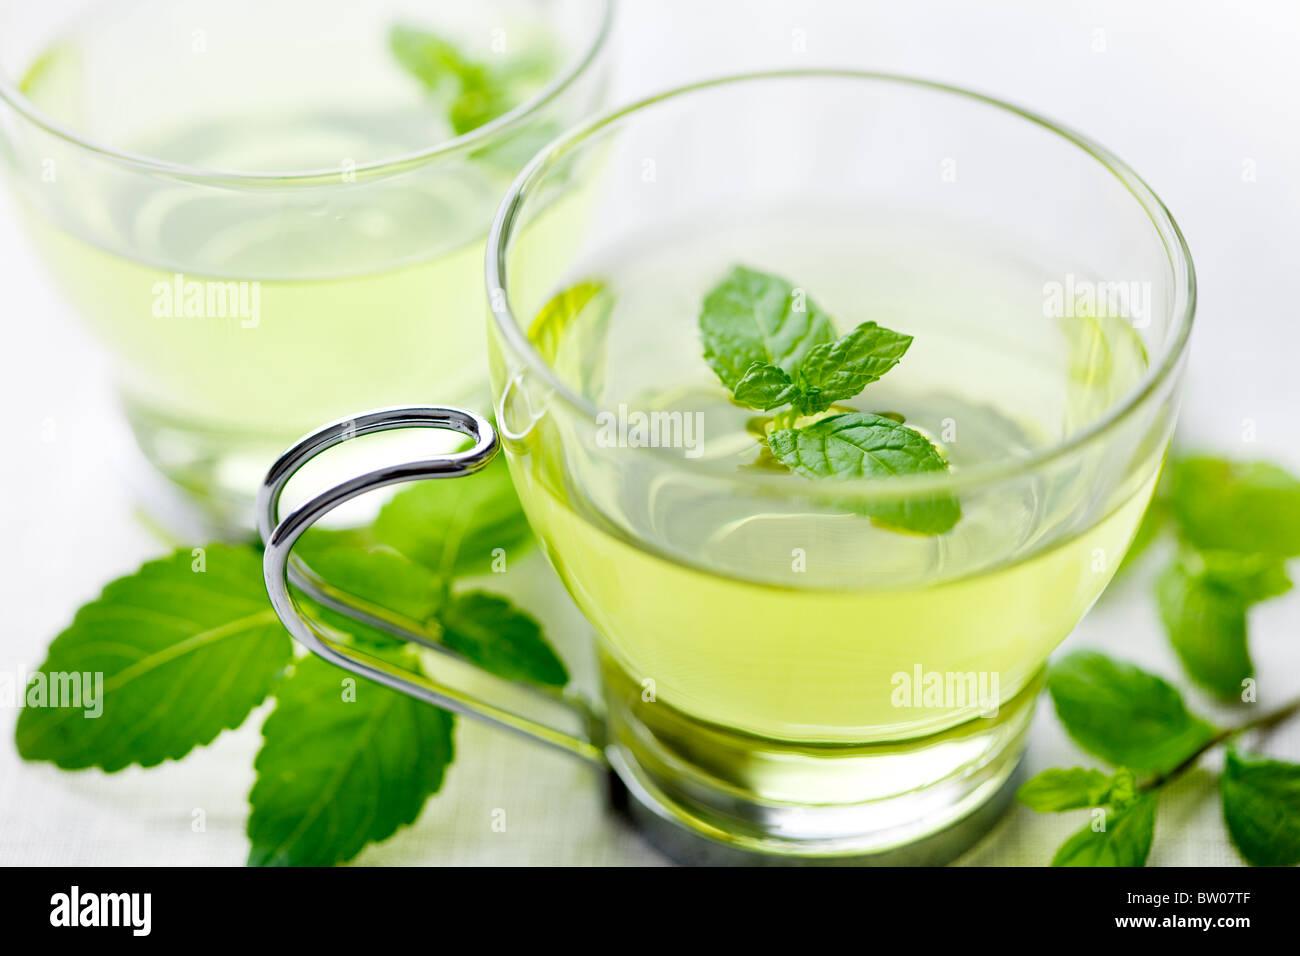 Gros plan du thé de menthe fraîche, entouré par de la menthe fraîche Photo Stock